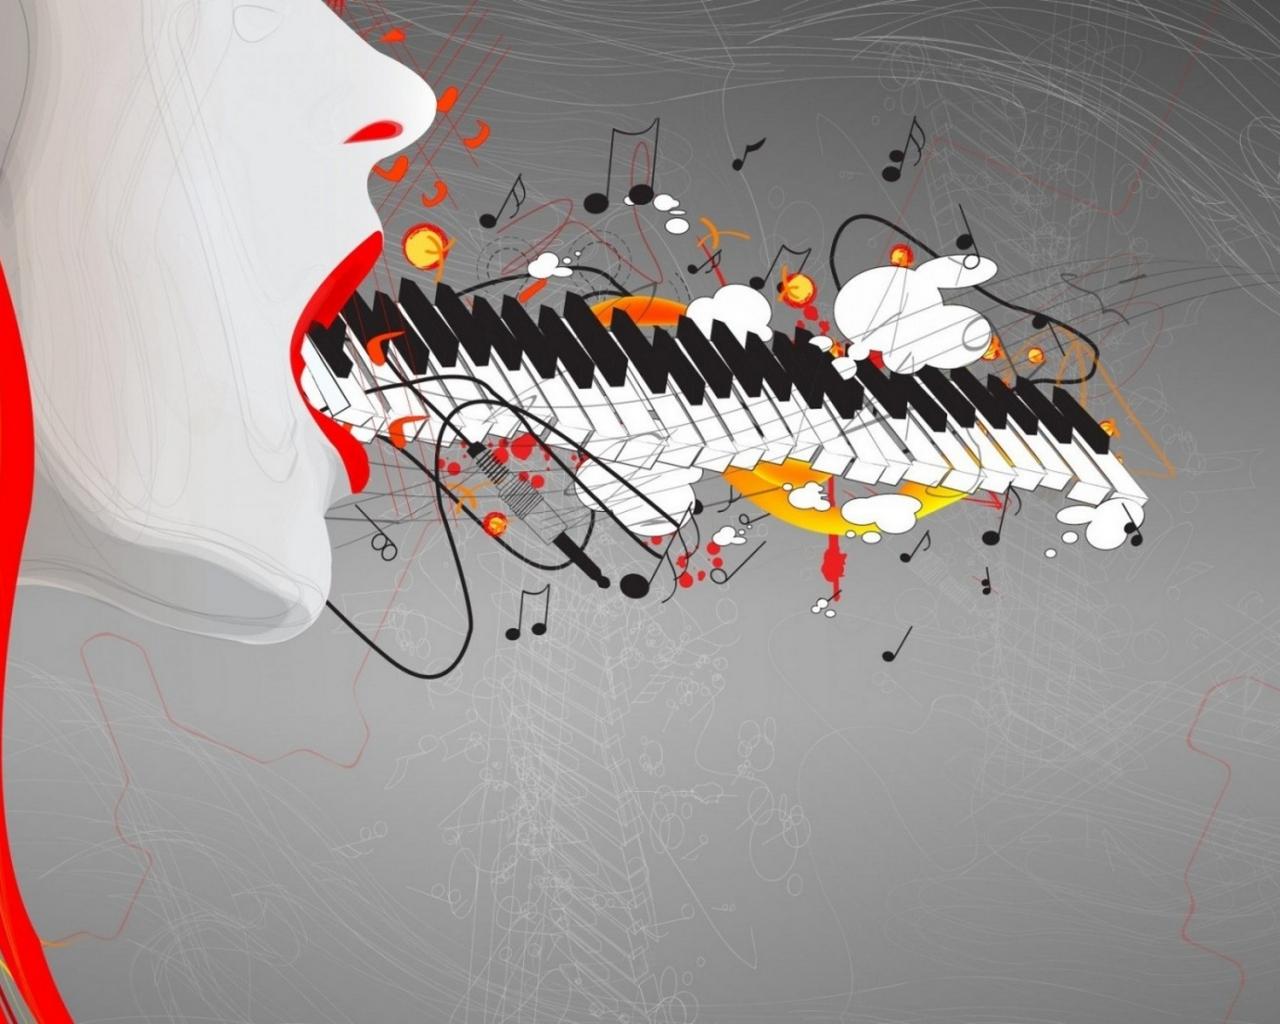 Teclado y música abstracto - 1280x1024